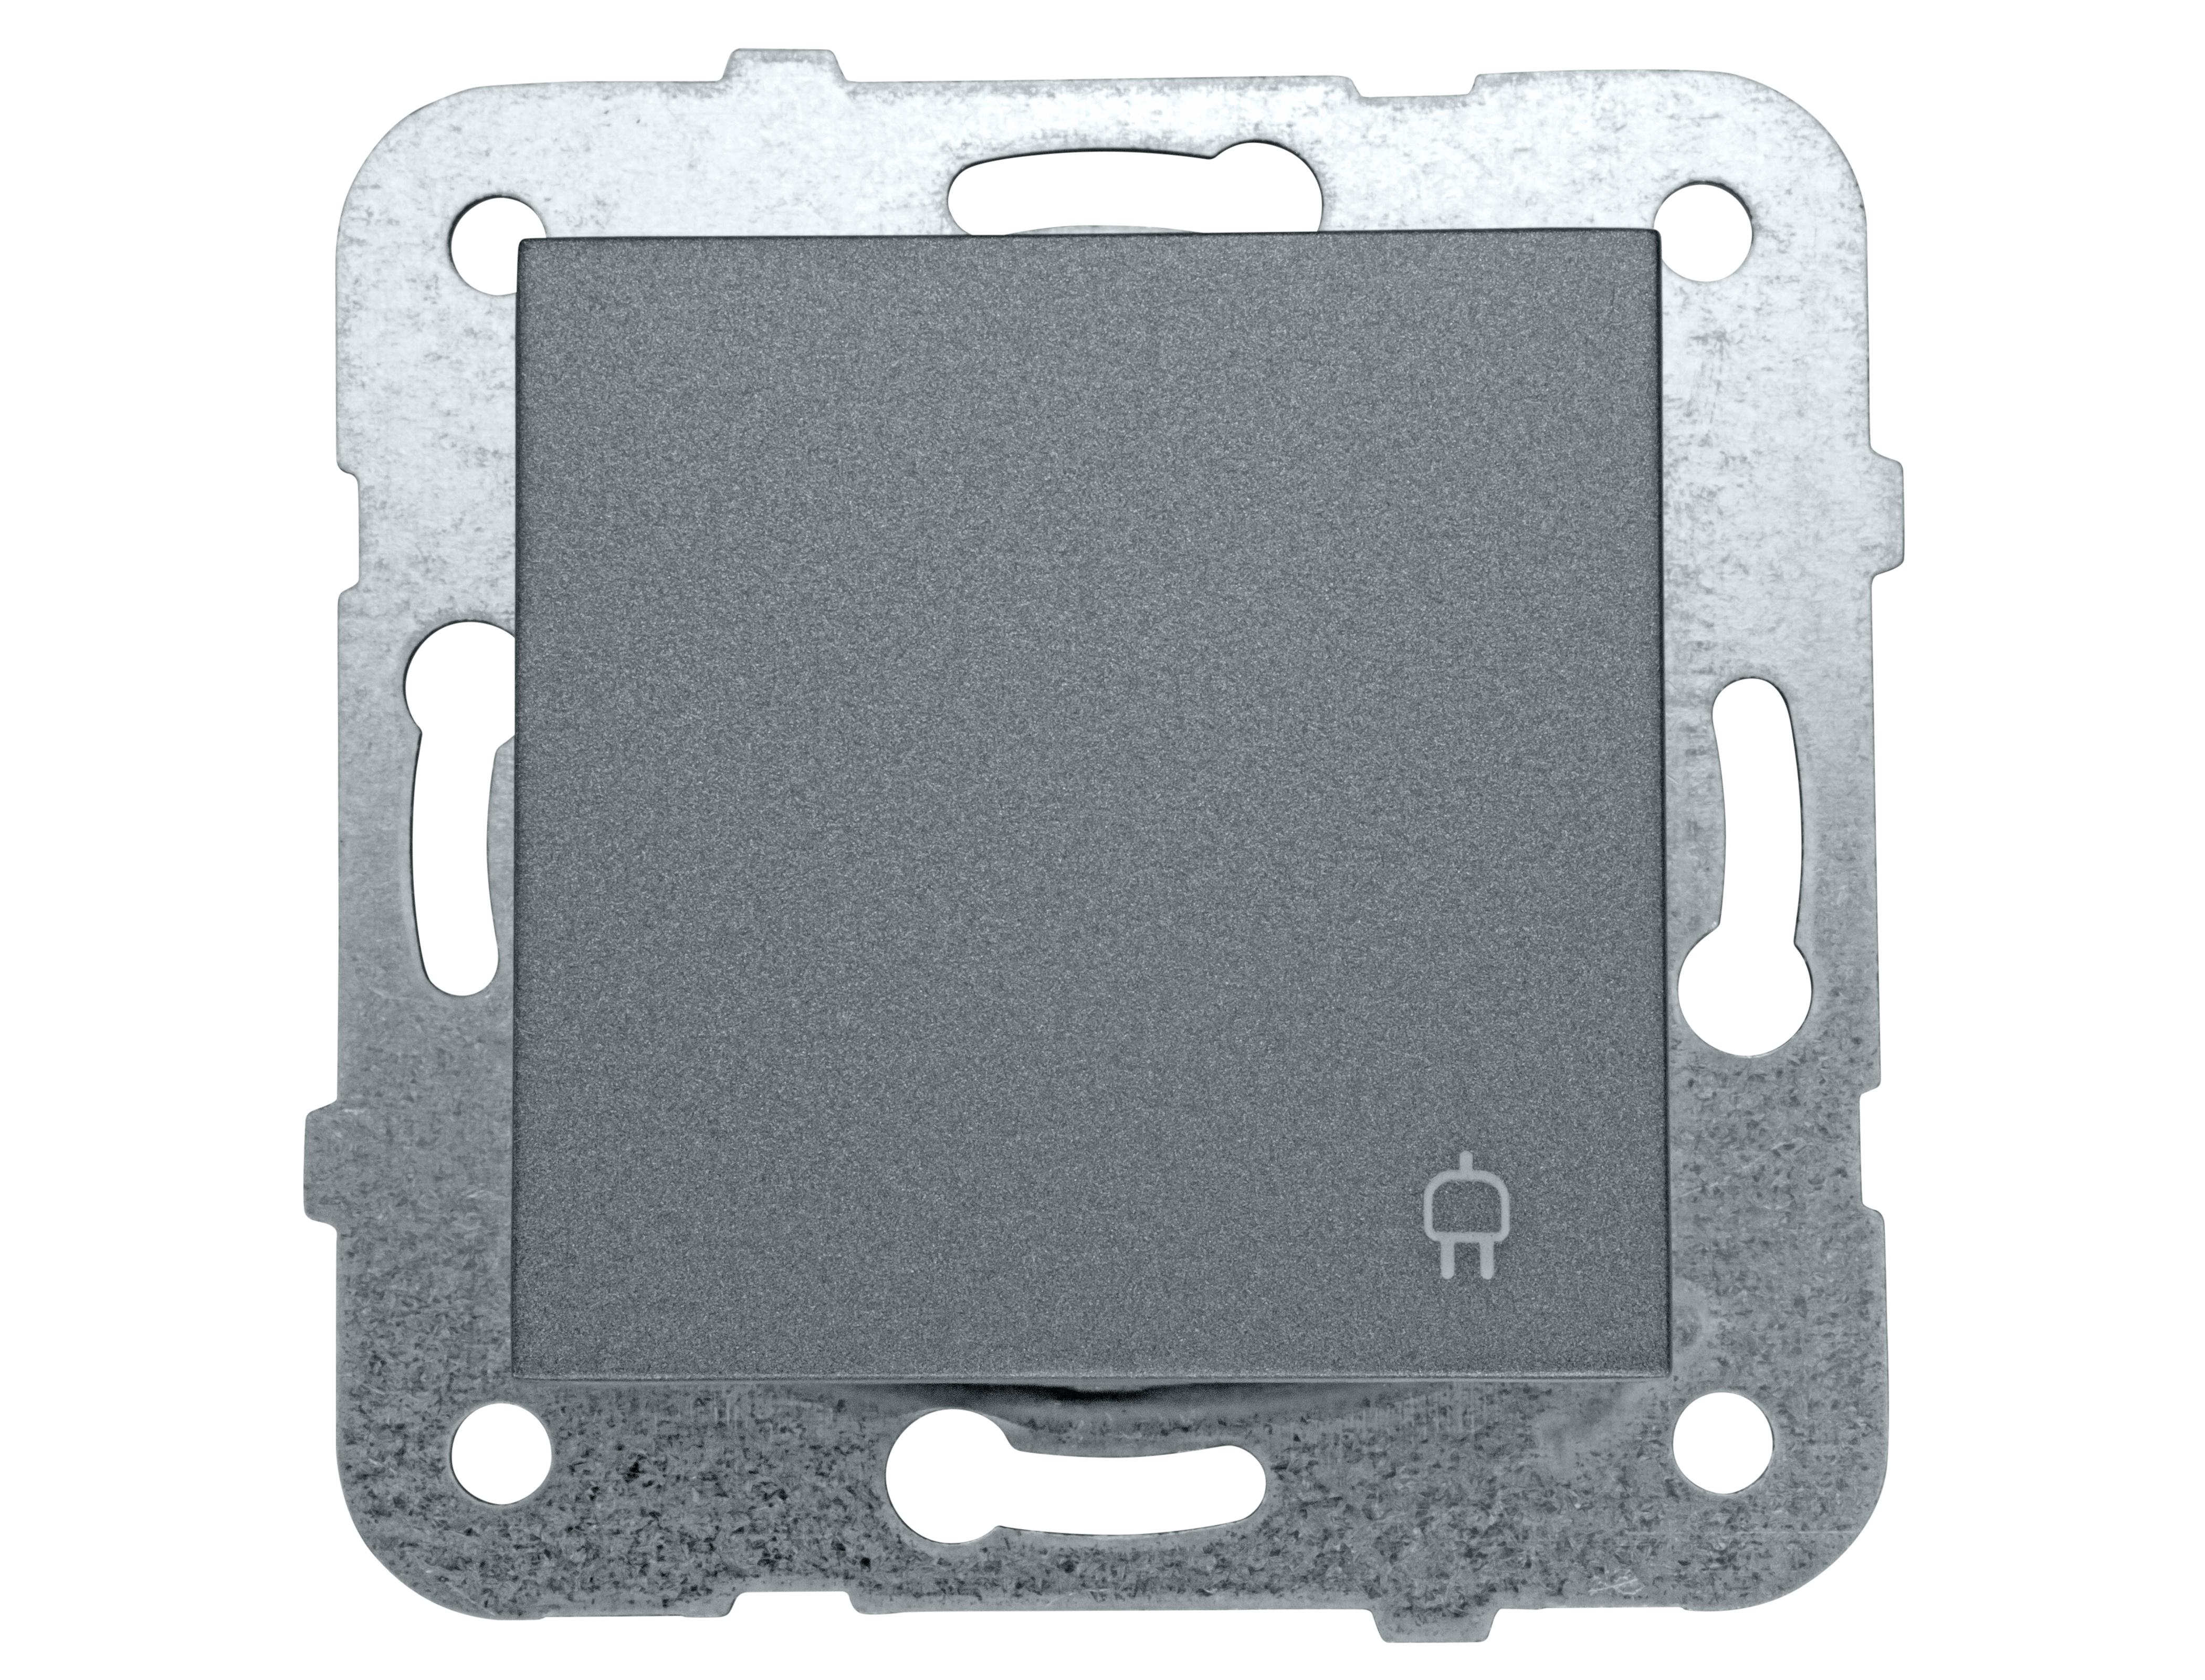 1 Stk Steckdose Erdstift, erhöhter Berührungsschutz, Klappdeckel EV111054--